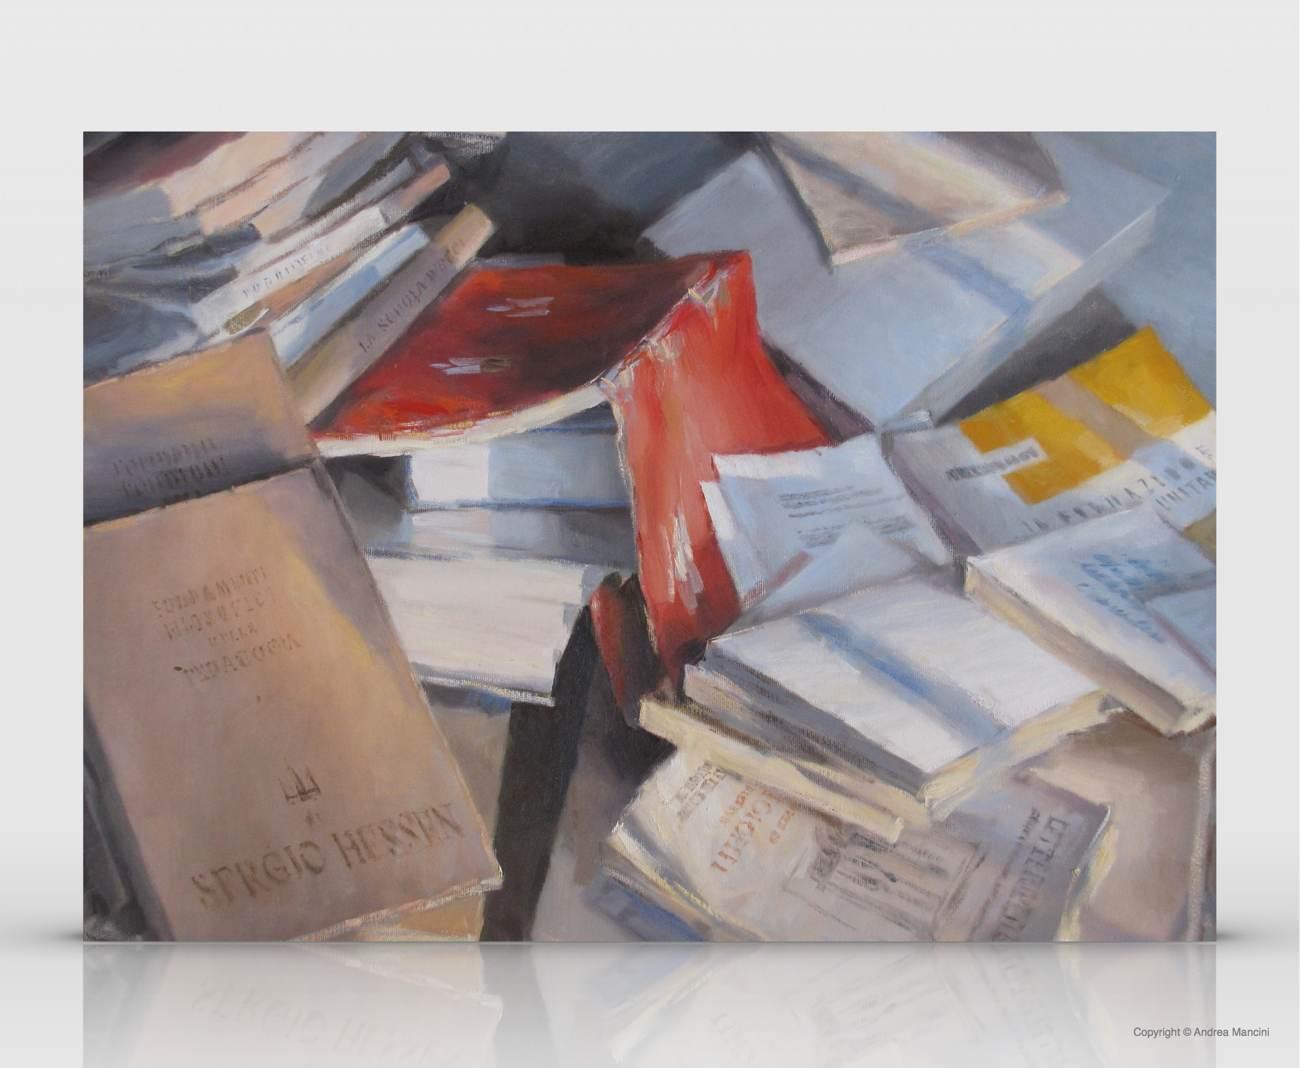 1339, Libri sparsi, 2011, olio su tela 50x60